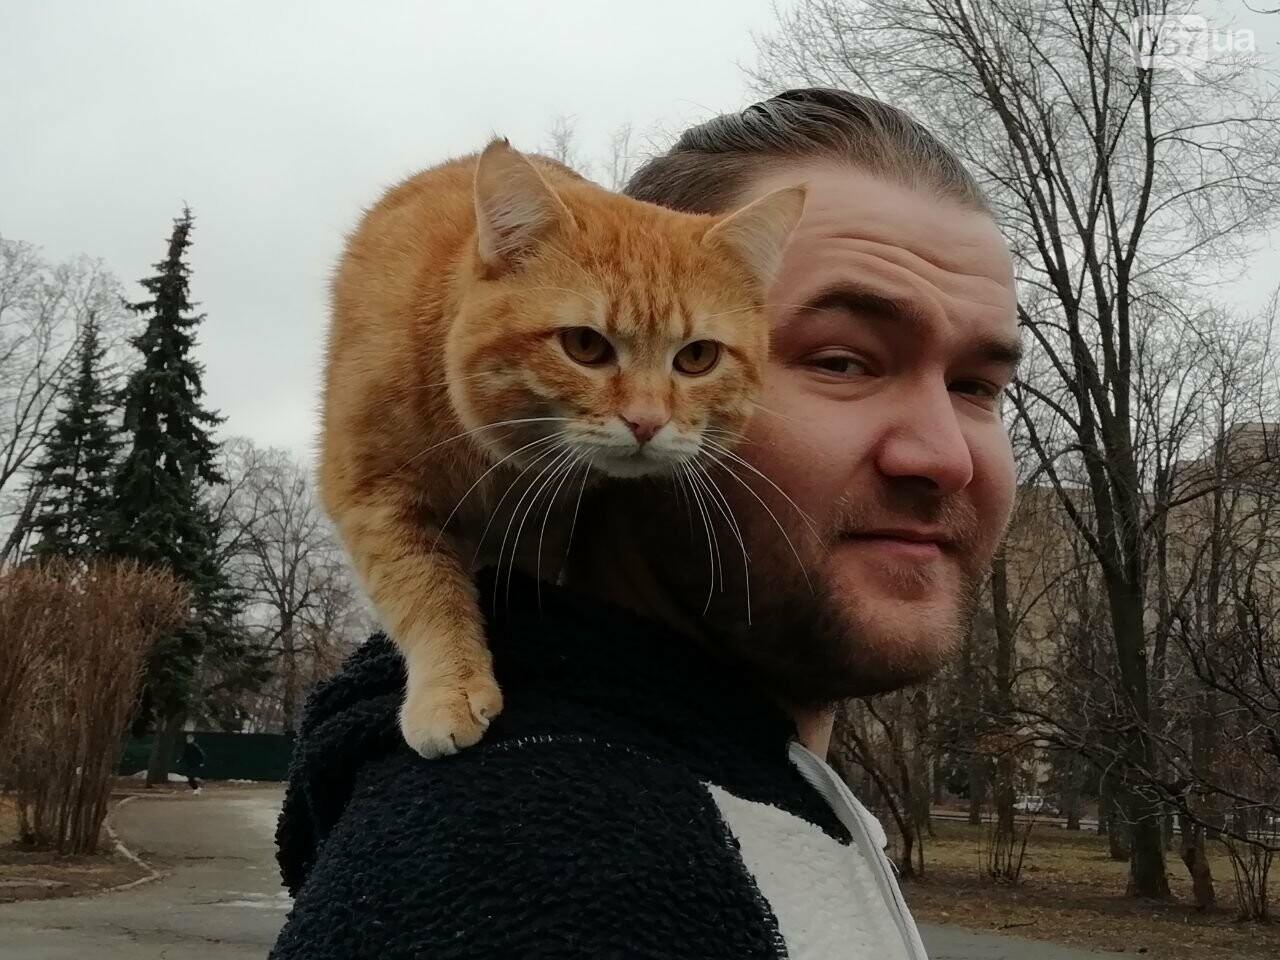 Поездка с котом и большие чаевые. Как харьковский таксист с питомцем возит пассажиров, - ФОТО, фото-3